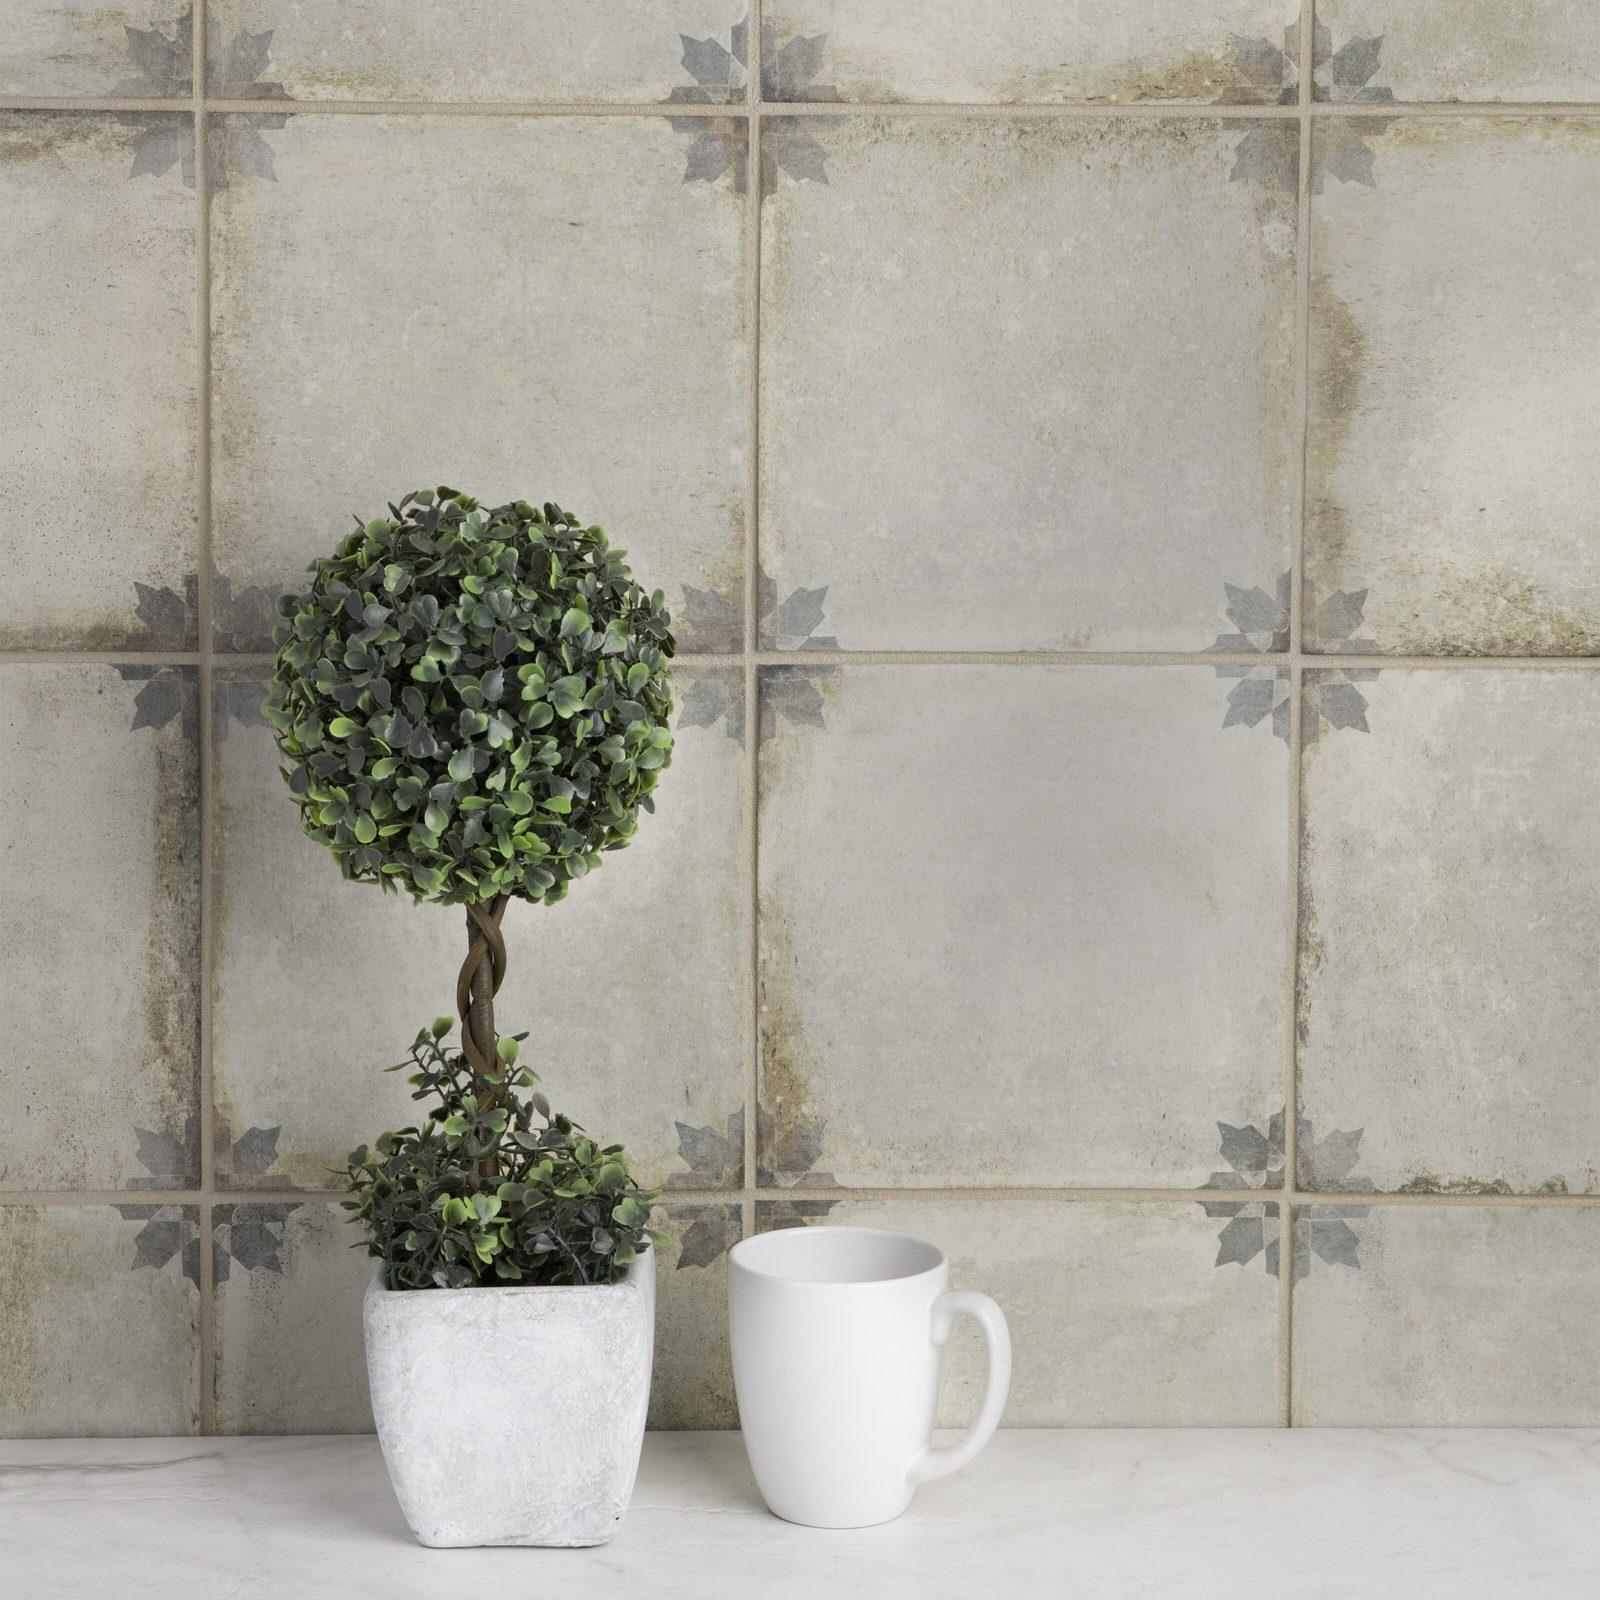 Aged but Manmade Patterned Tile Backsplash